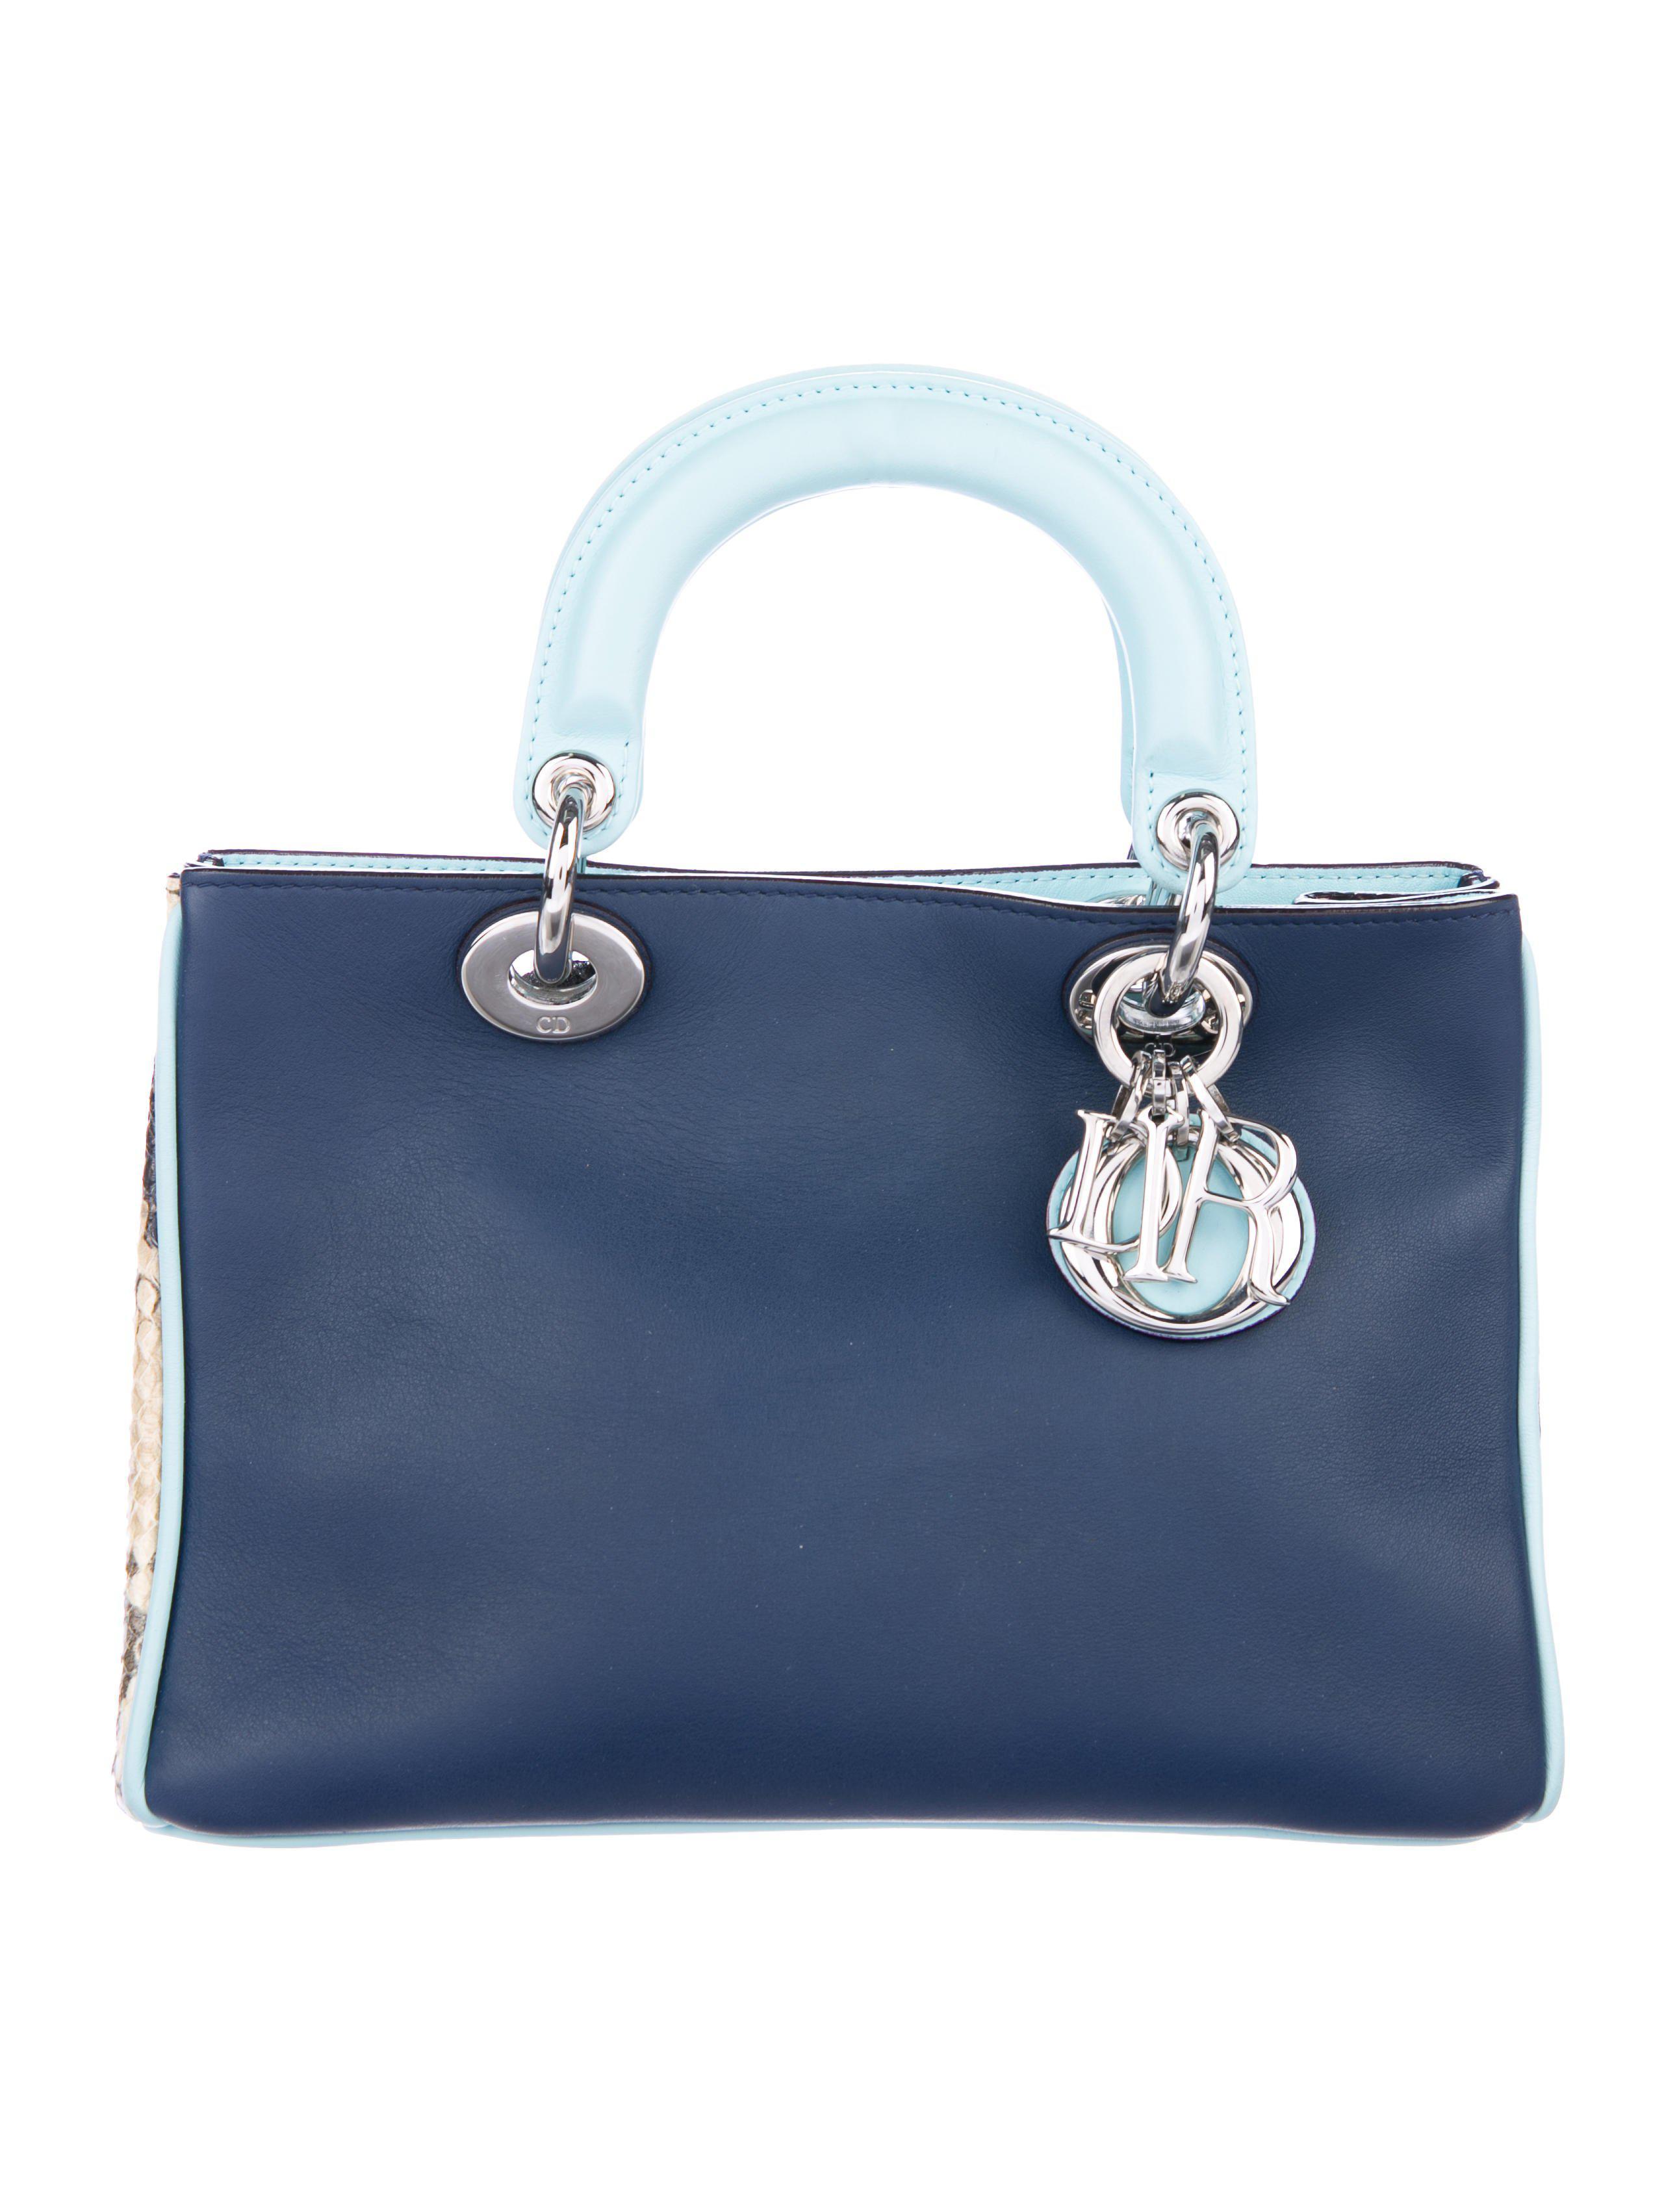 032486b42e71 Lyst - Dior Small Diorissimo Bag Blue in Metallic